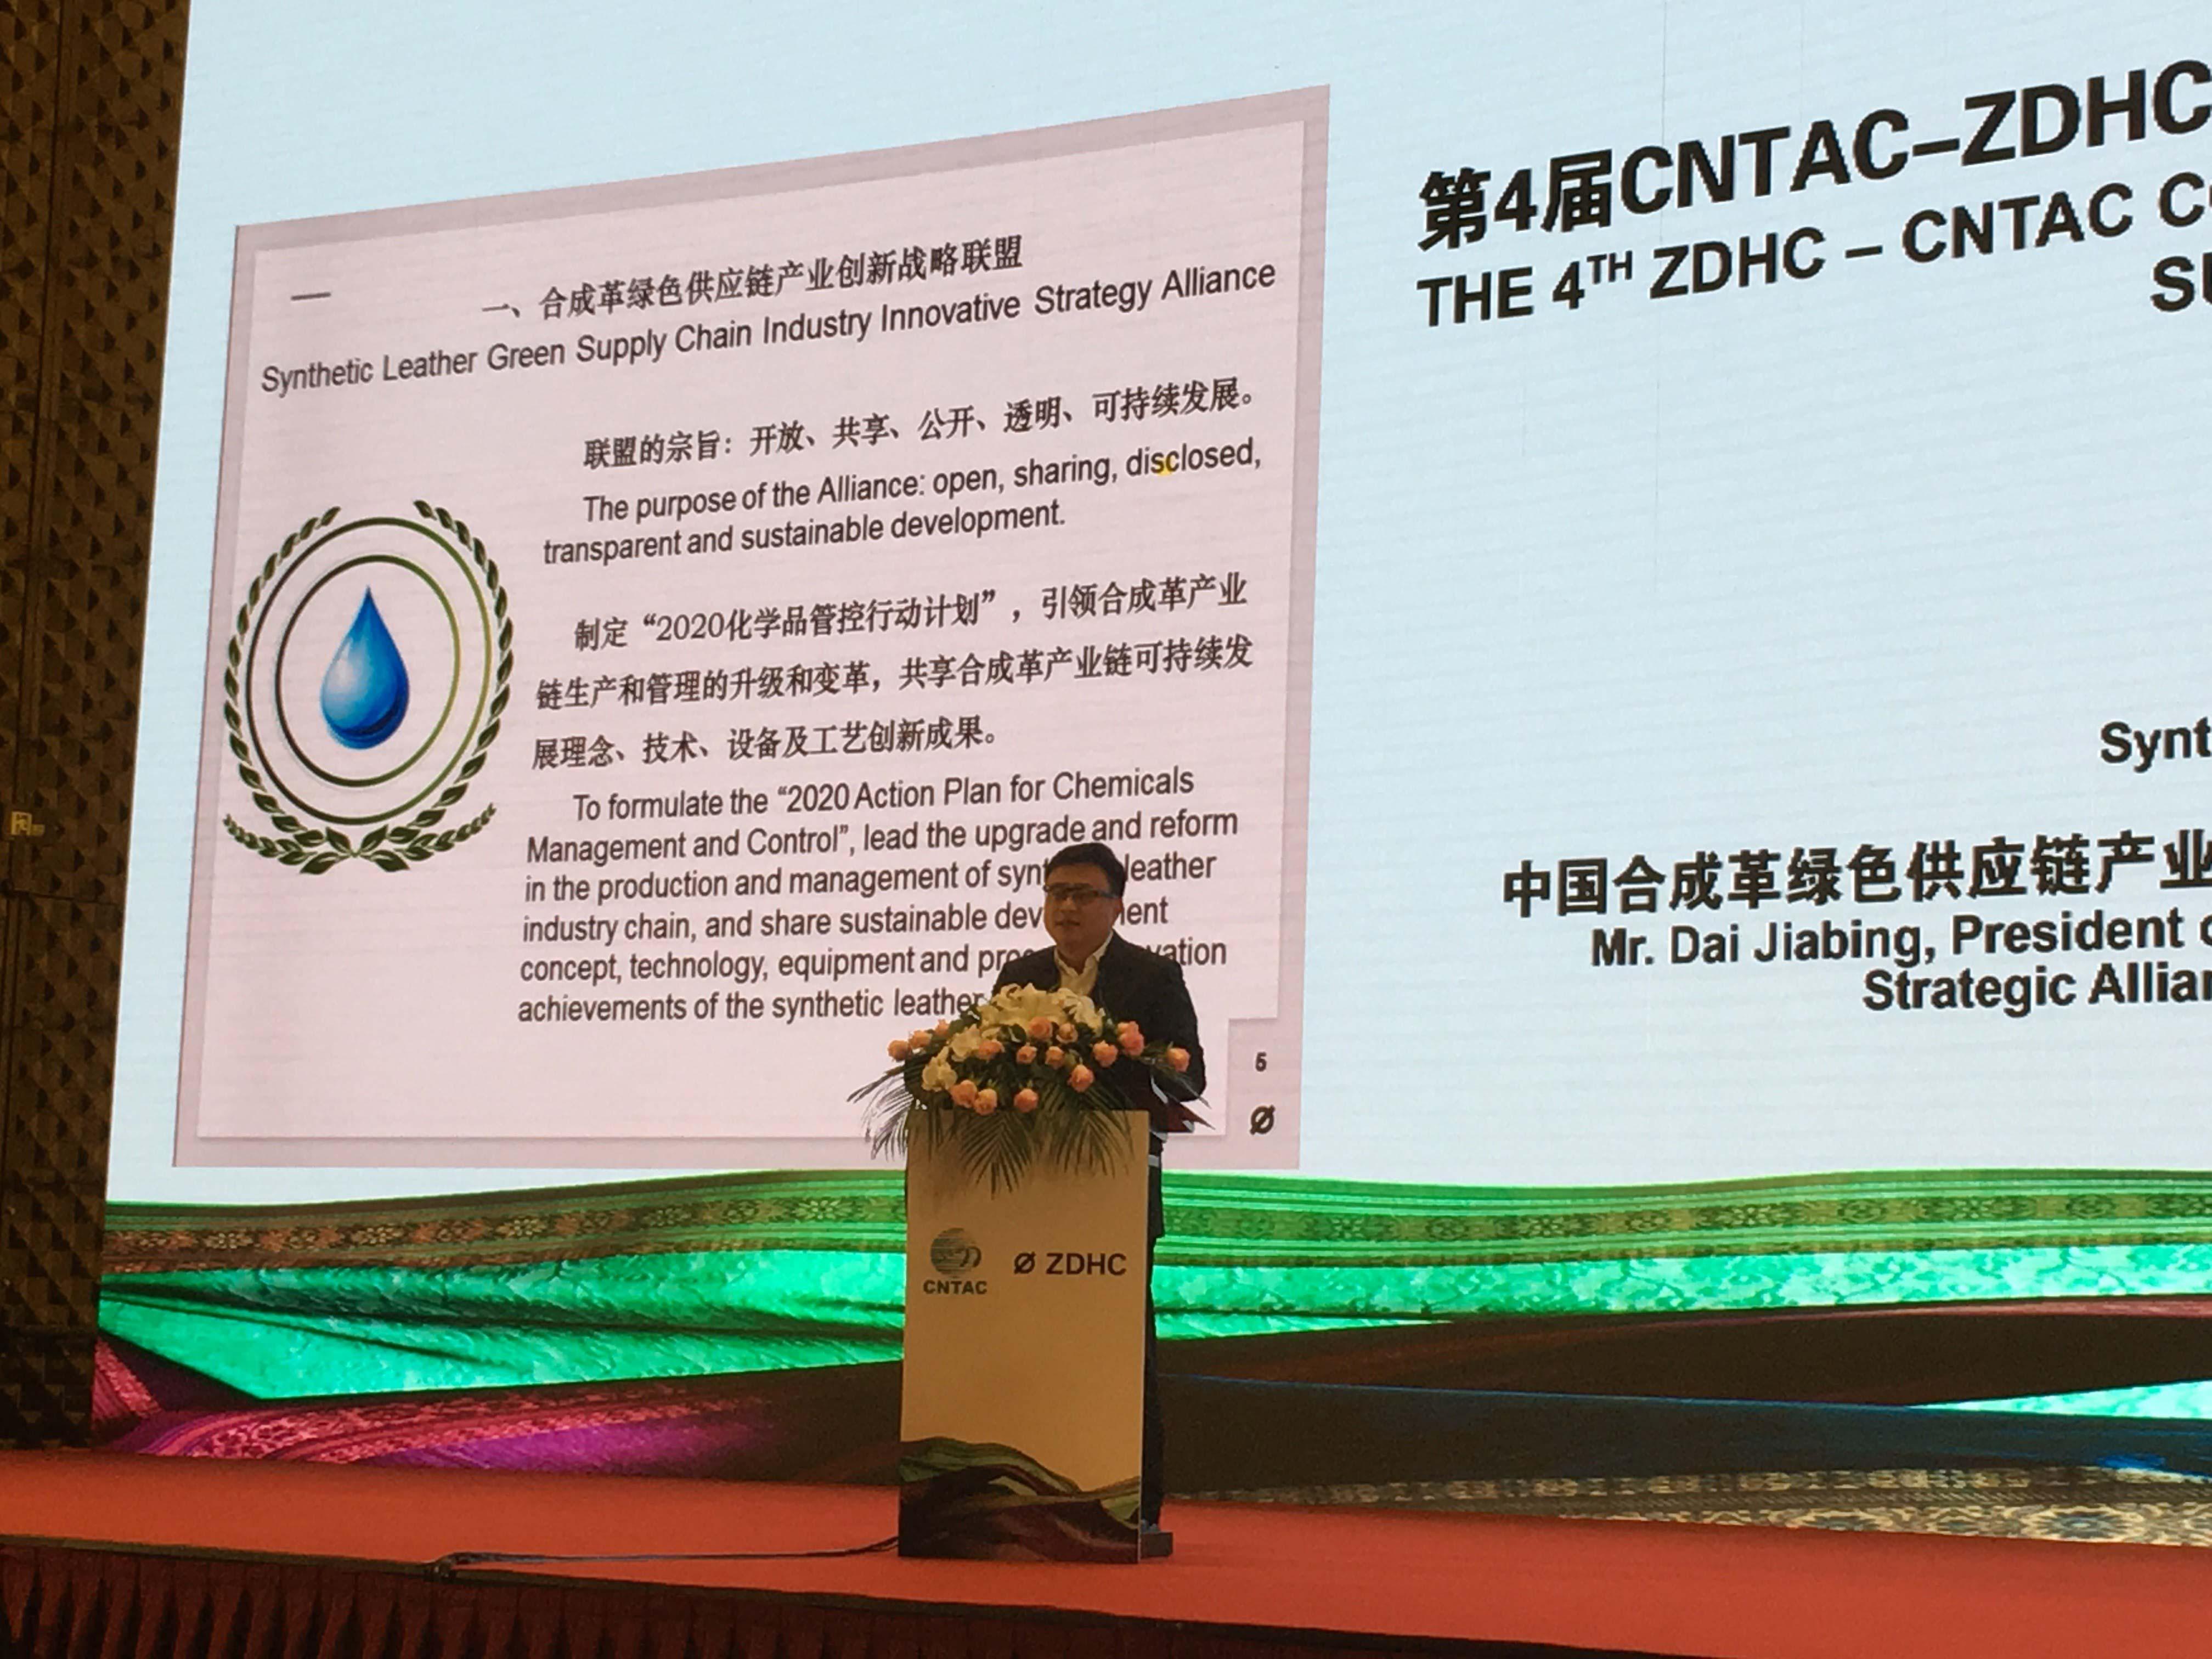 中国合成革绿色供应链创新产业联盟